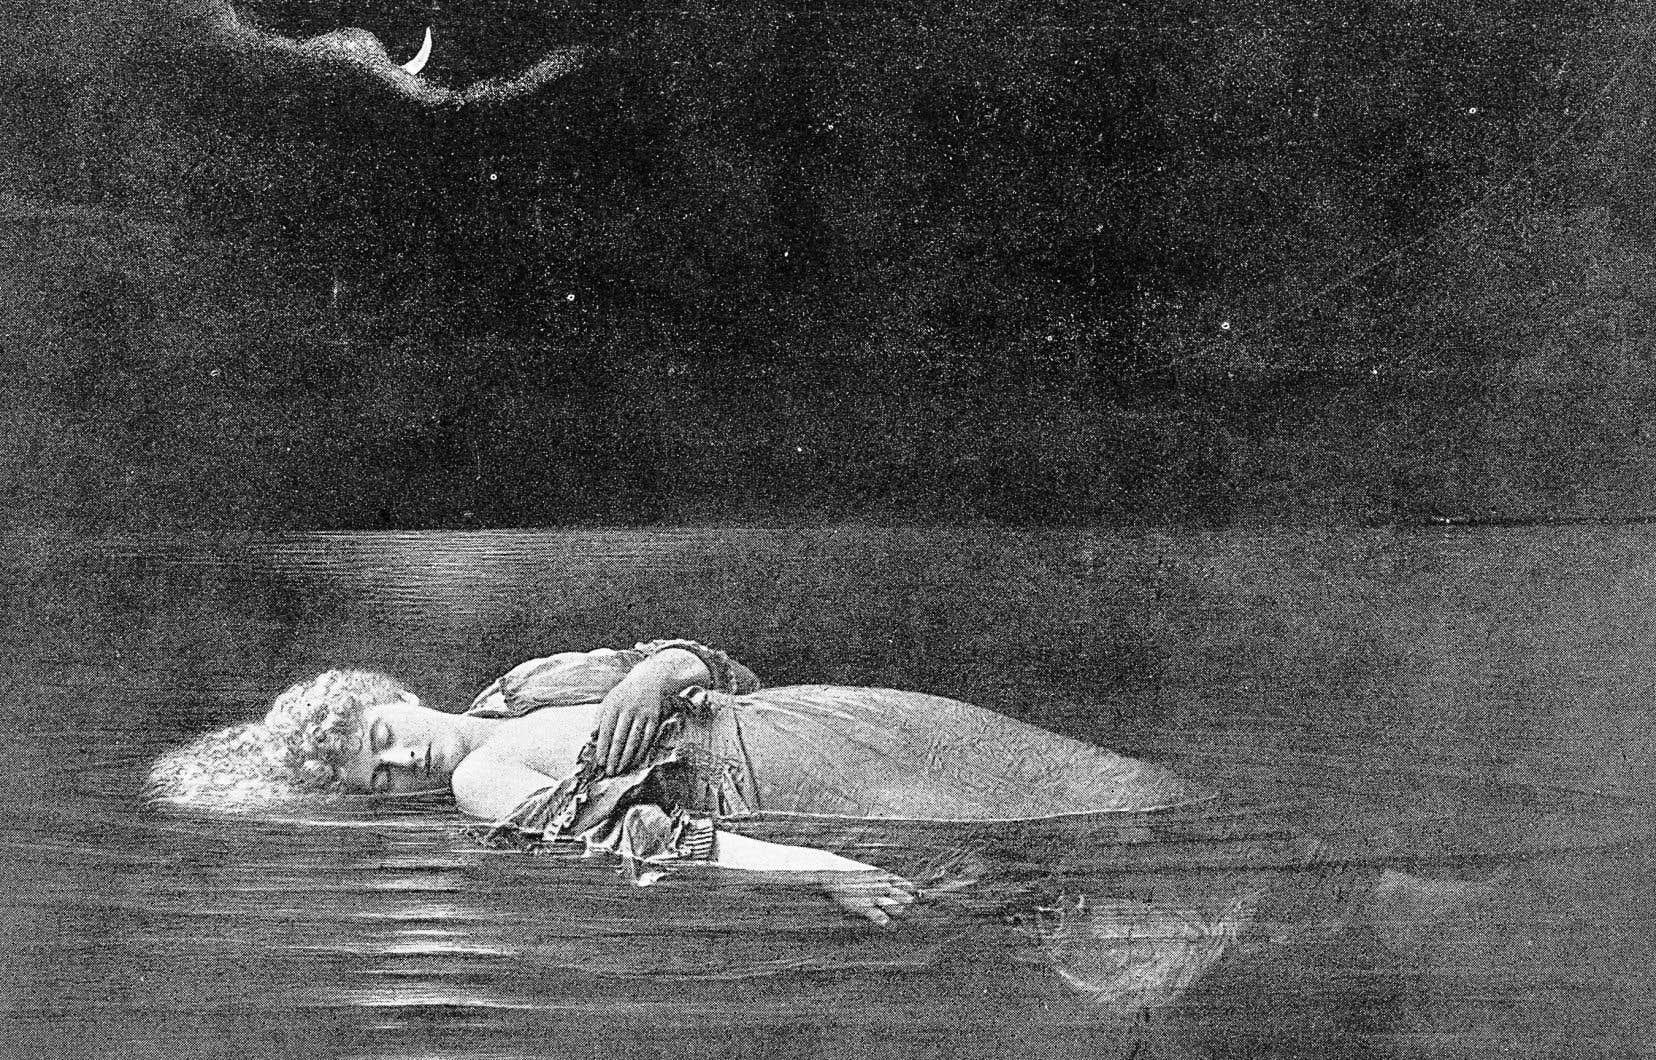 À une époque post-#MoiAussi, où le Québec pleure un quatorzième féminicide, plusieurs autrices se questionnent sur l'évolution du rôle de la femme dans les oeuvres littéraires.